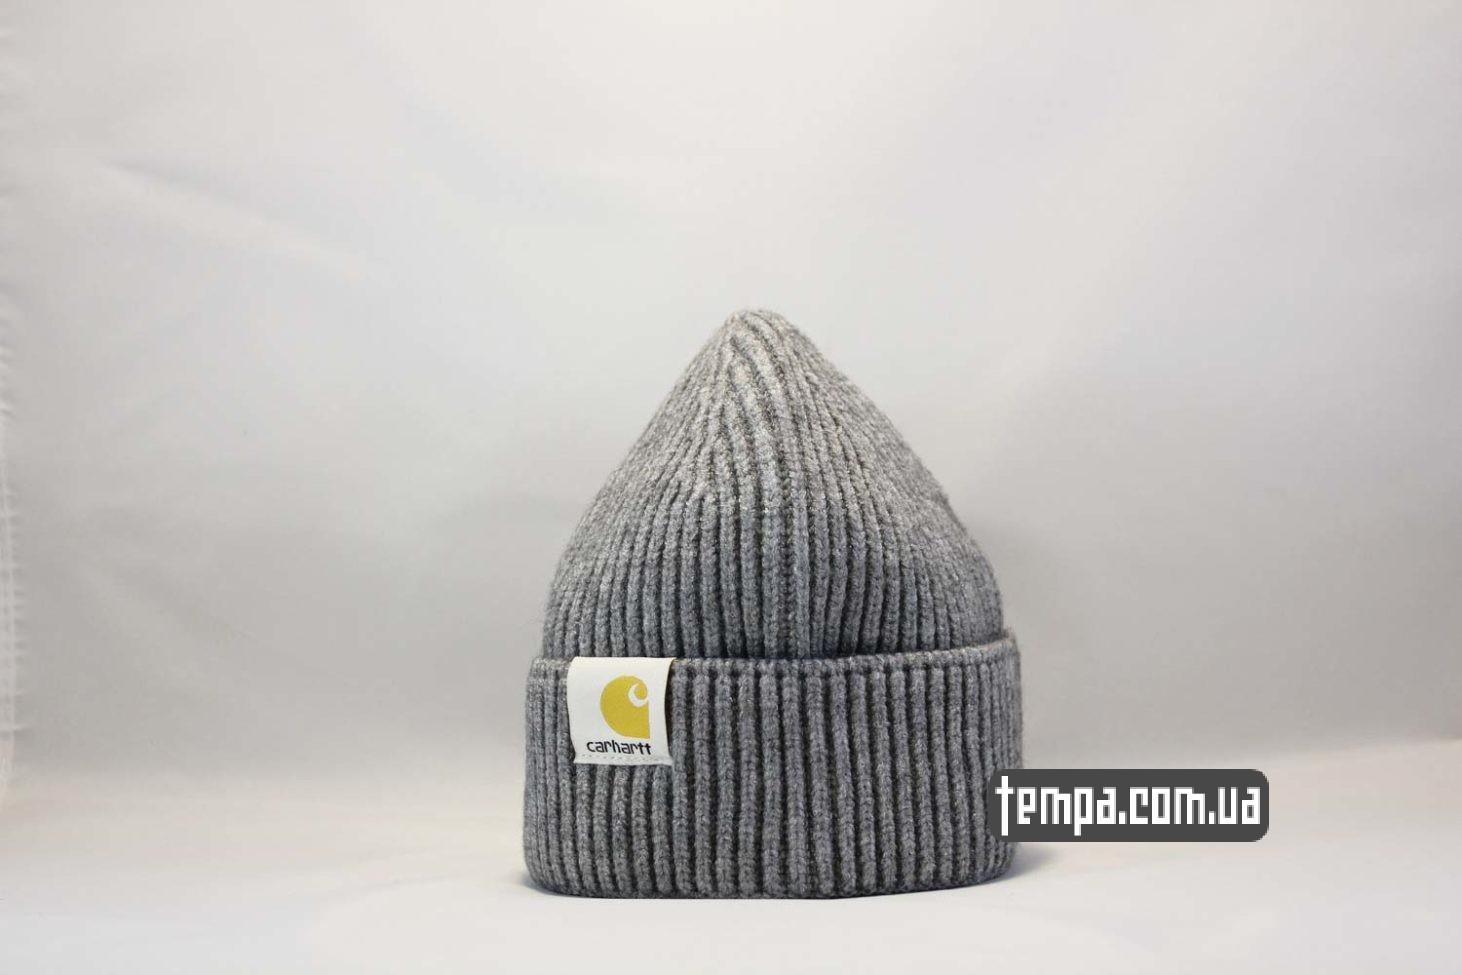 бини теплые шапка beanie Carhartt grey серая купить магазин